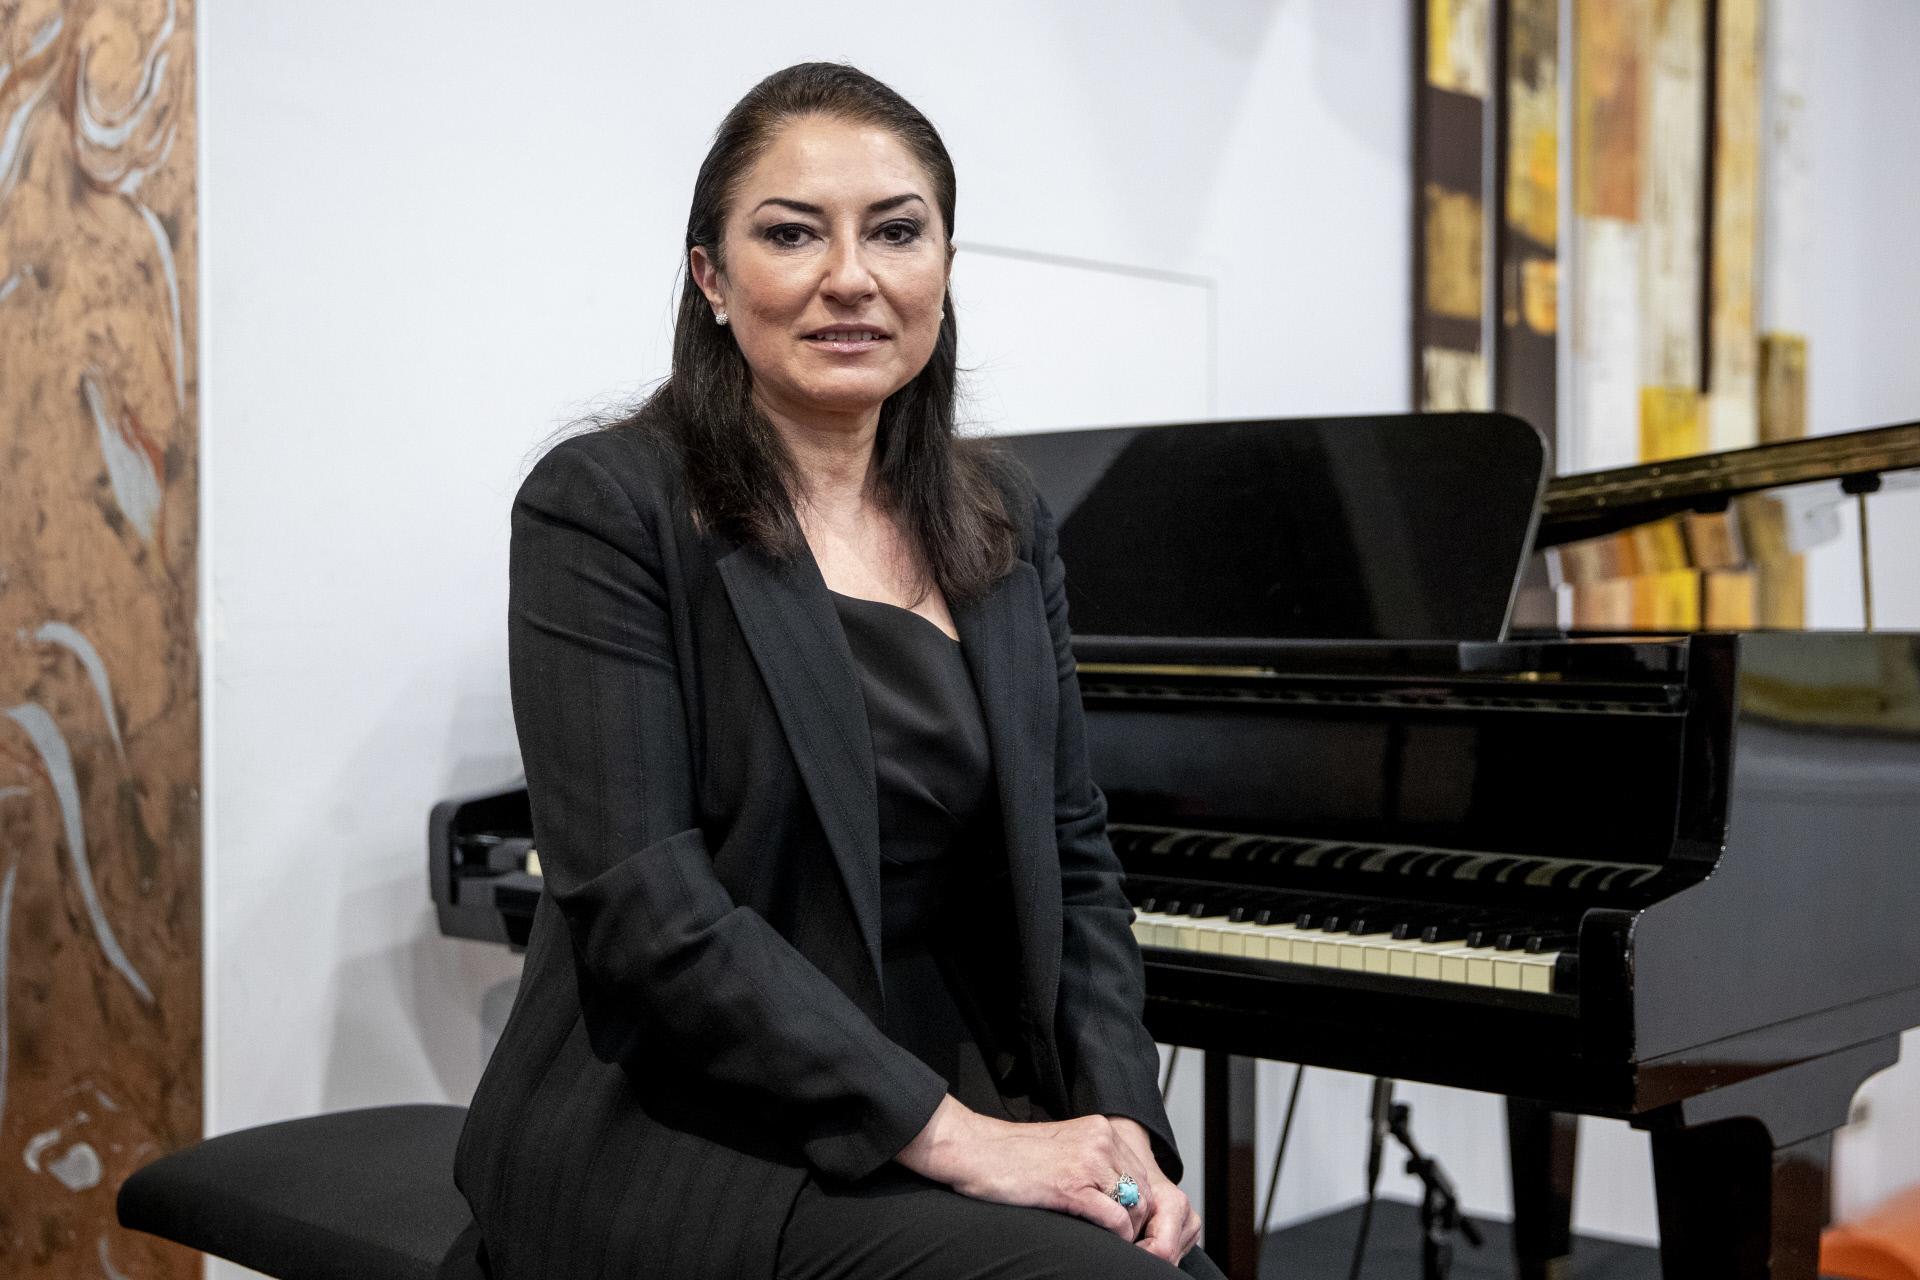 Monserrat Martí, este martes en la presentación del disco póstumo de su madre, Monserrat Caballé.